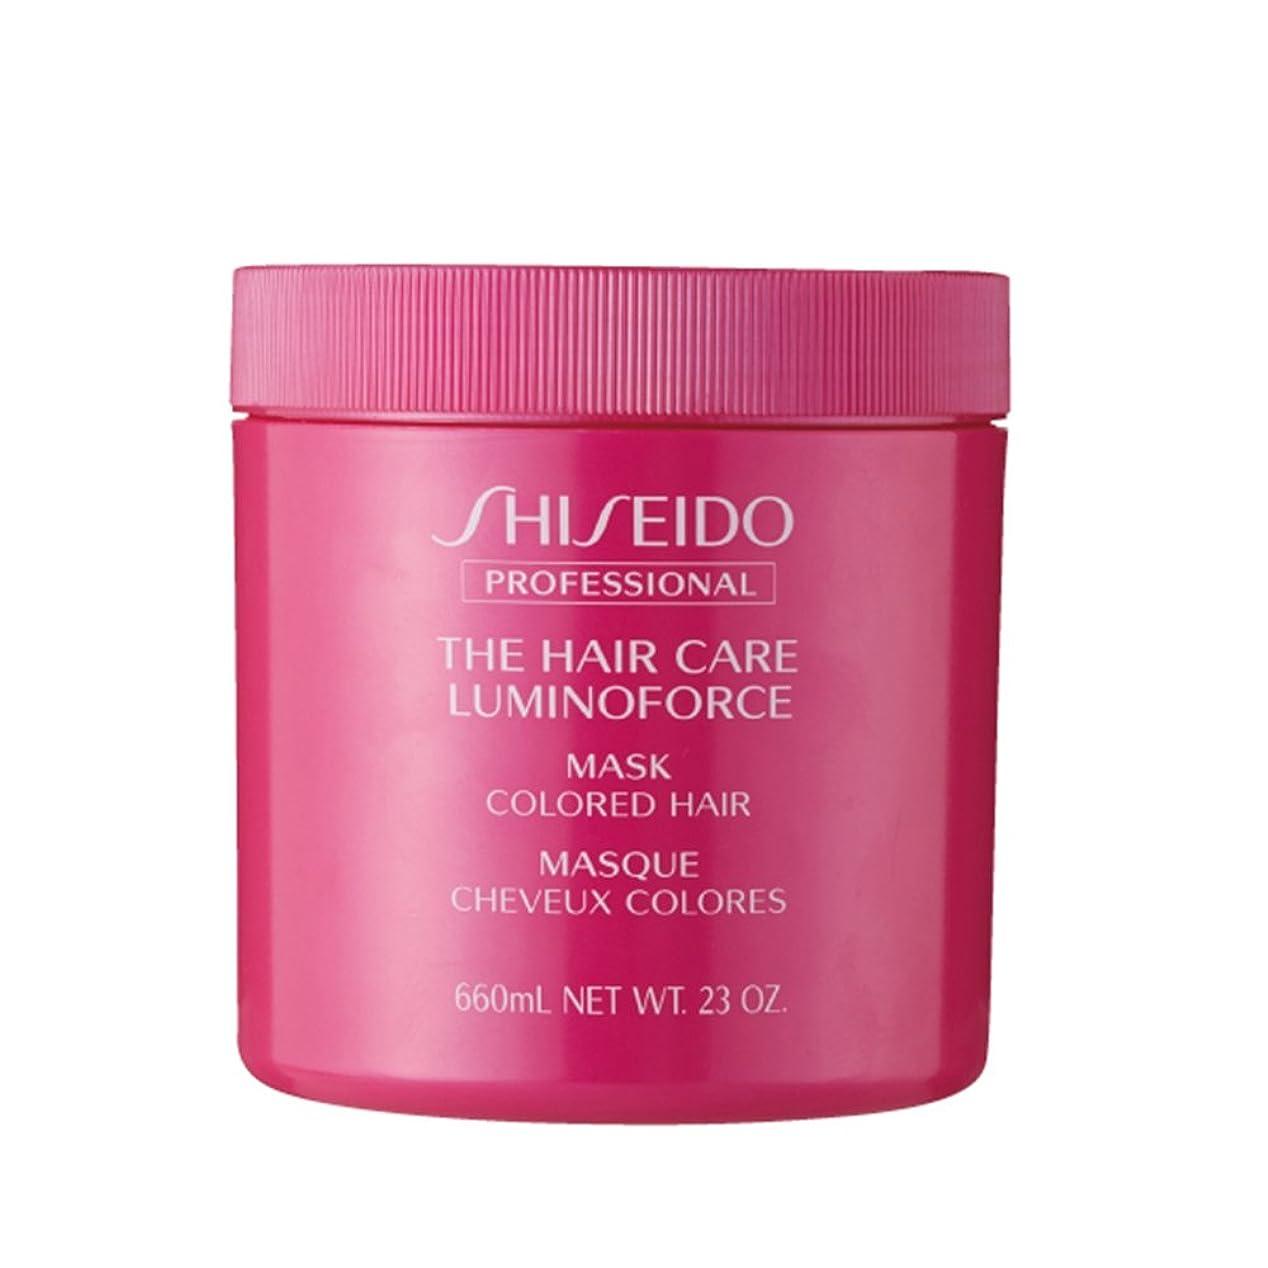 期待する嬉しいです希望に満ちた資生堂 THC ルミノフォースマスク 680g ×3個 セットヘアカラーを繰り返したごわついた髪を、芯からしなやかでつややかな髪へSHISEIDO LUMINOFORCE